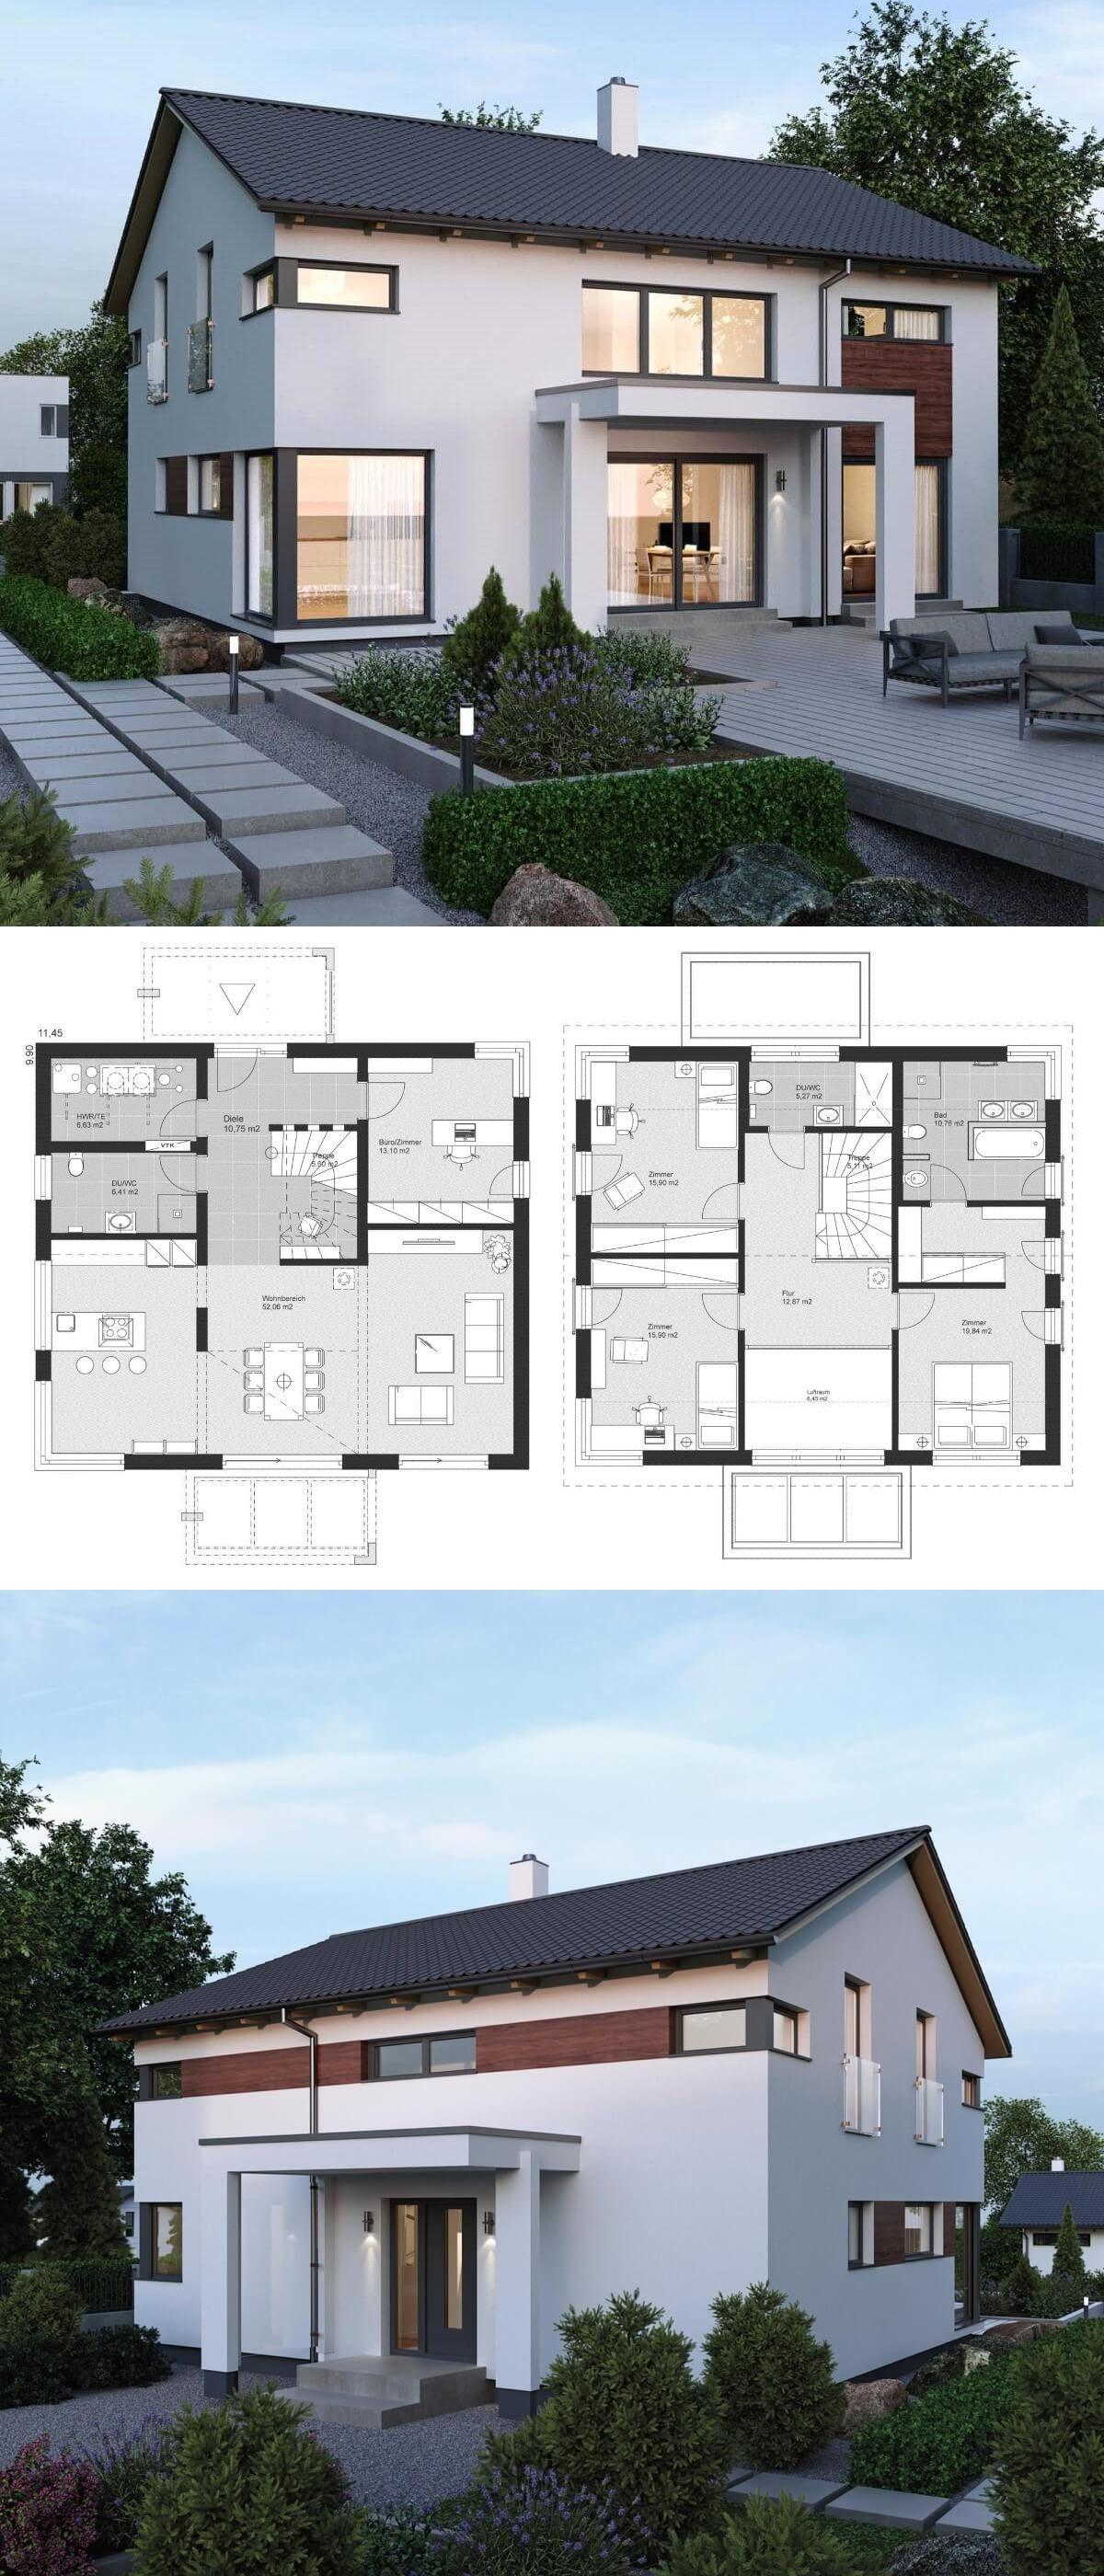 Einfamilienhaus ELK Haus 189 mit Galerie ELK Fertighaus